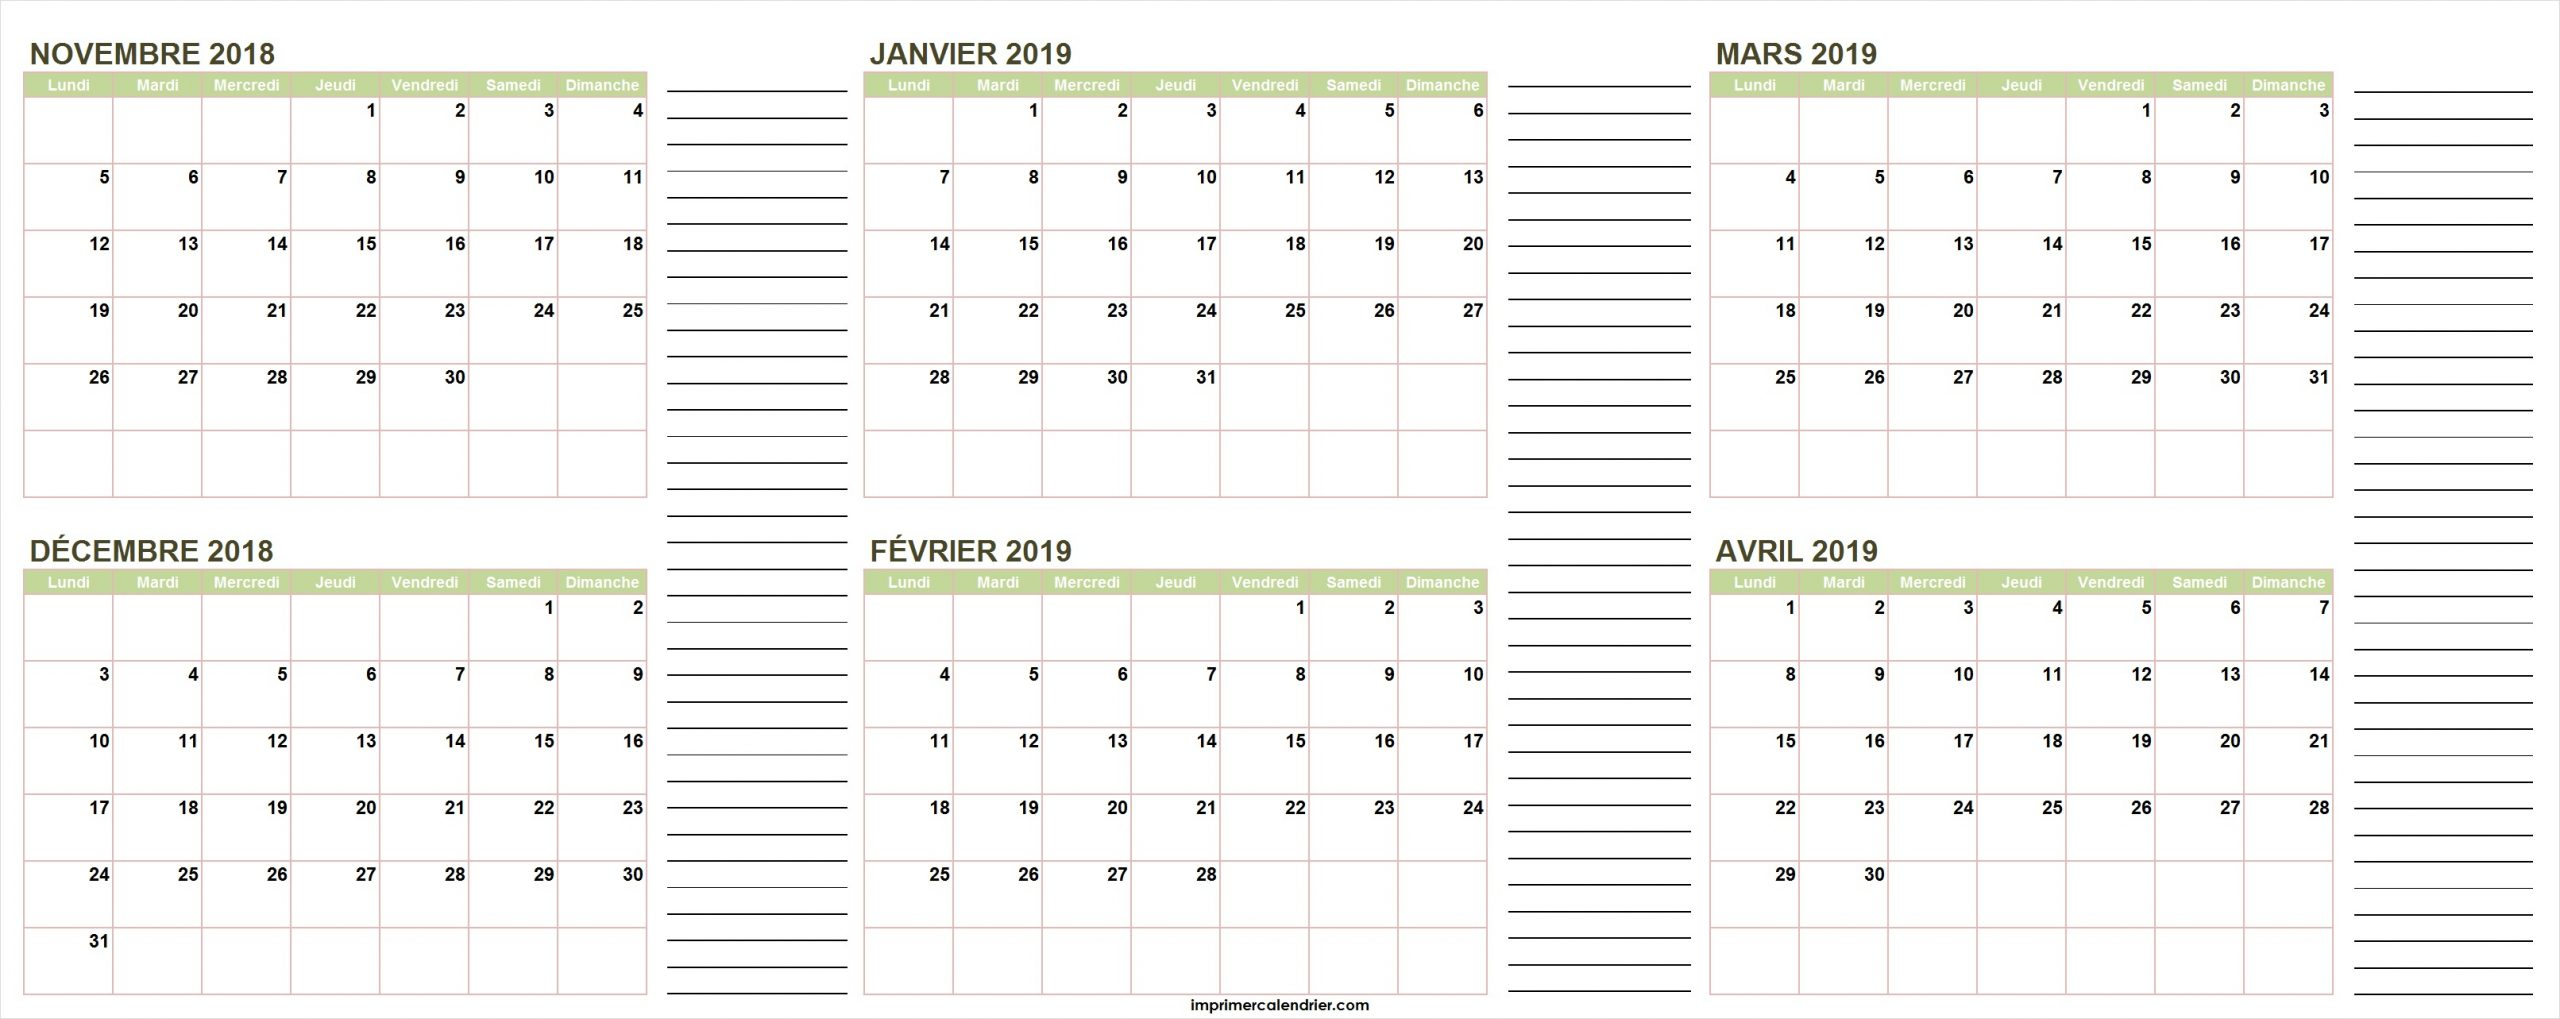 Calendrier Novembre 2018 À Avril 2019 | Calendrier Pour Imprimer dedans Calendrier 2018 À Télécharger Gratuit